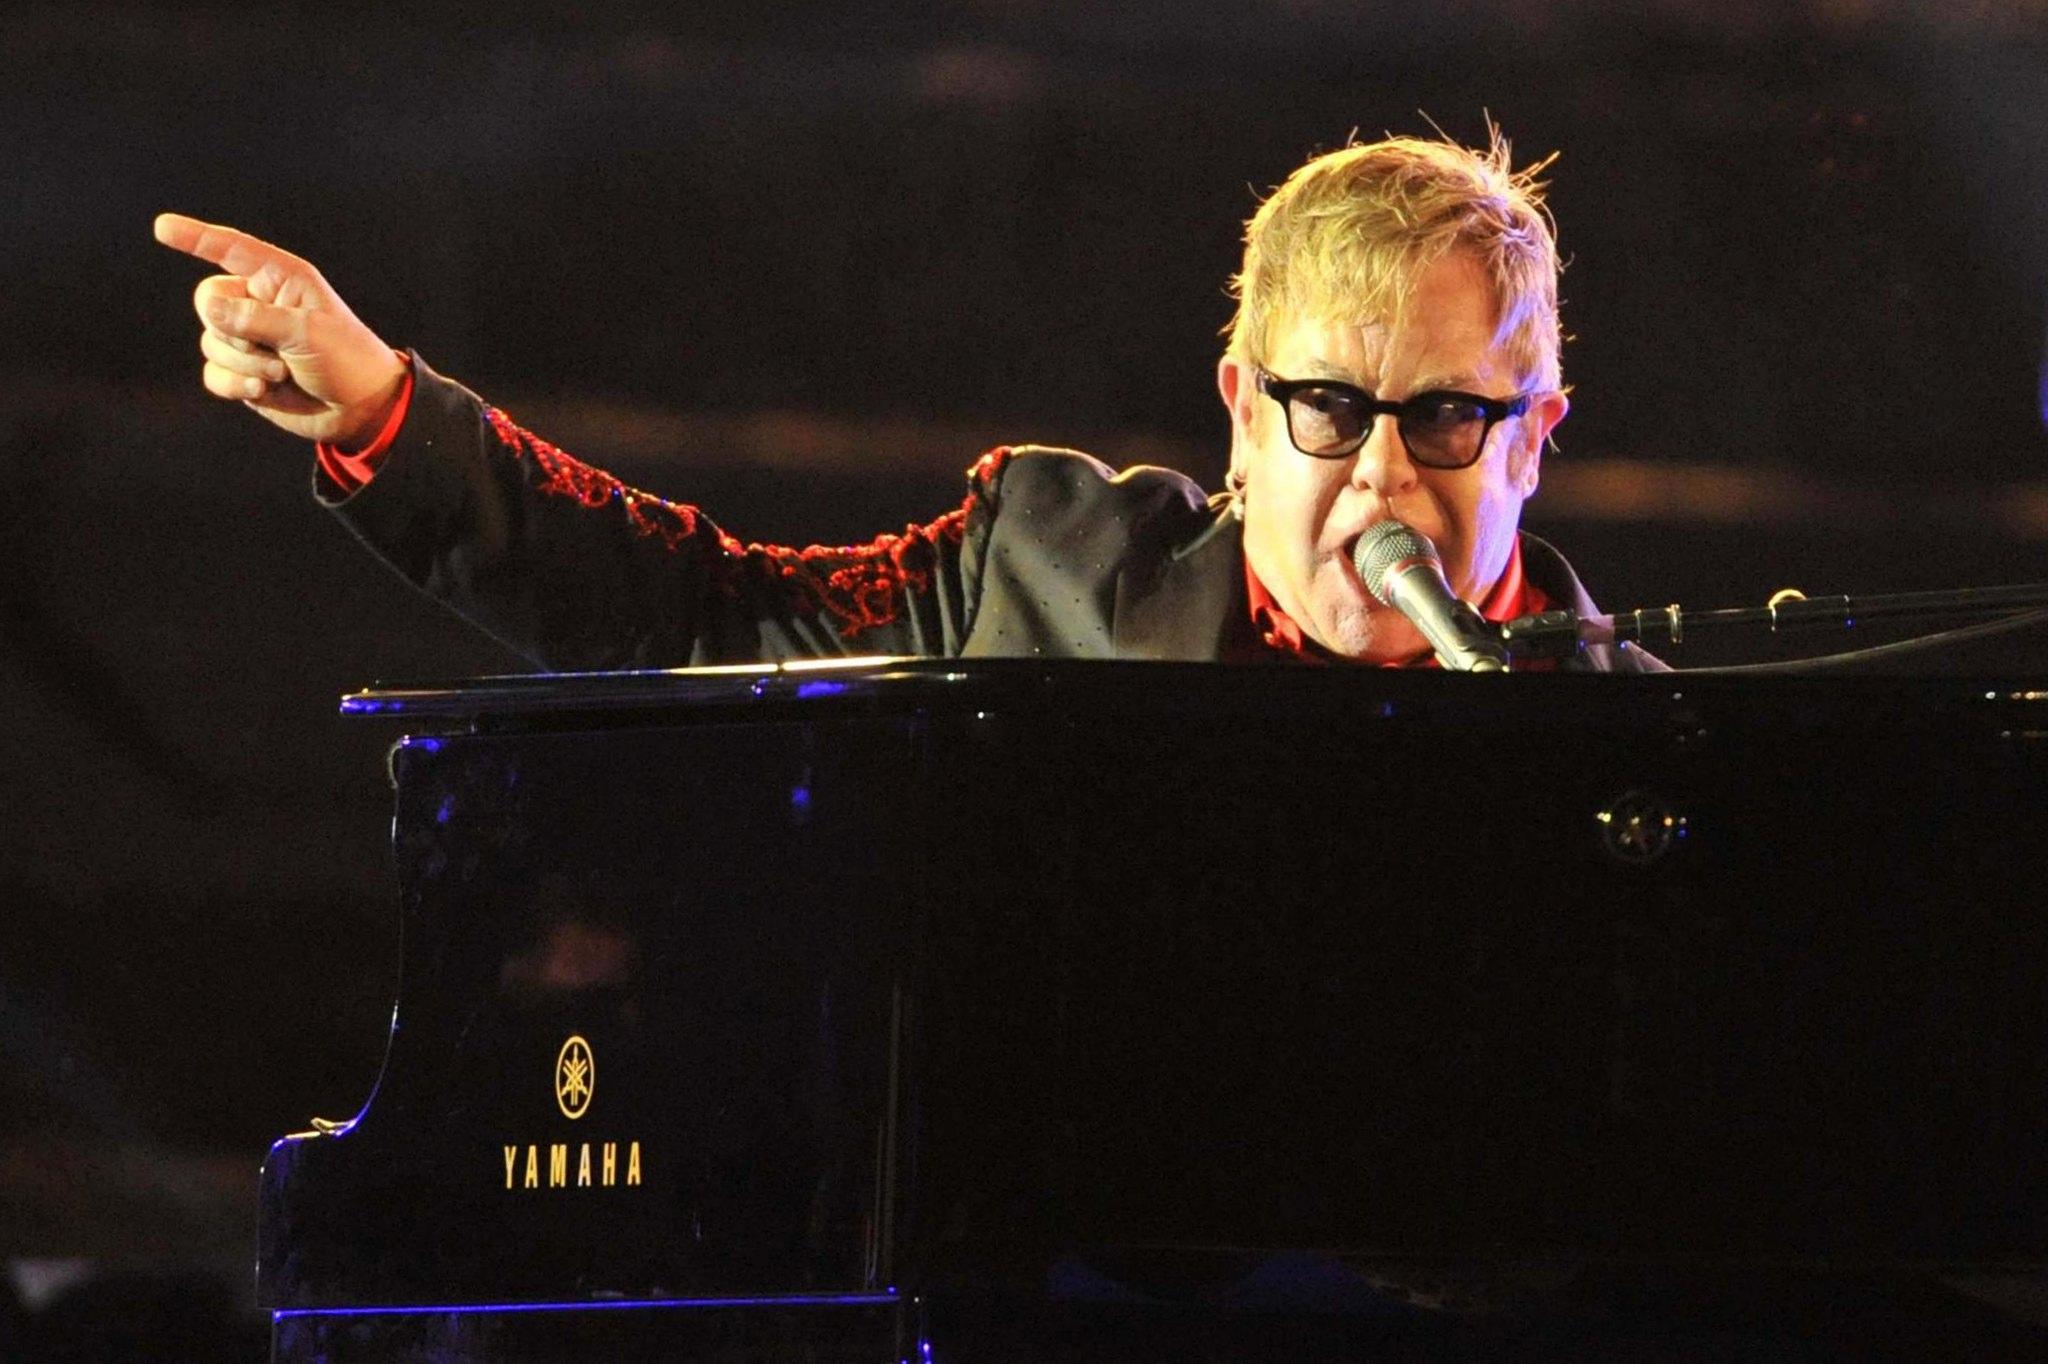 PÚBLICO - Elton John cancela concertos devido a infecção bacteriana